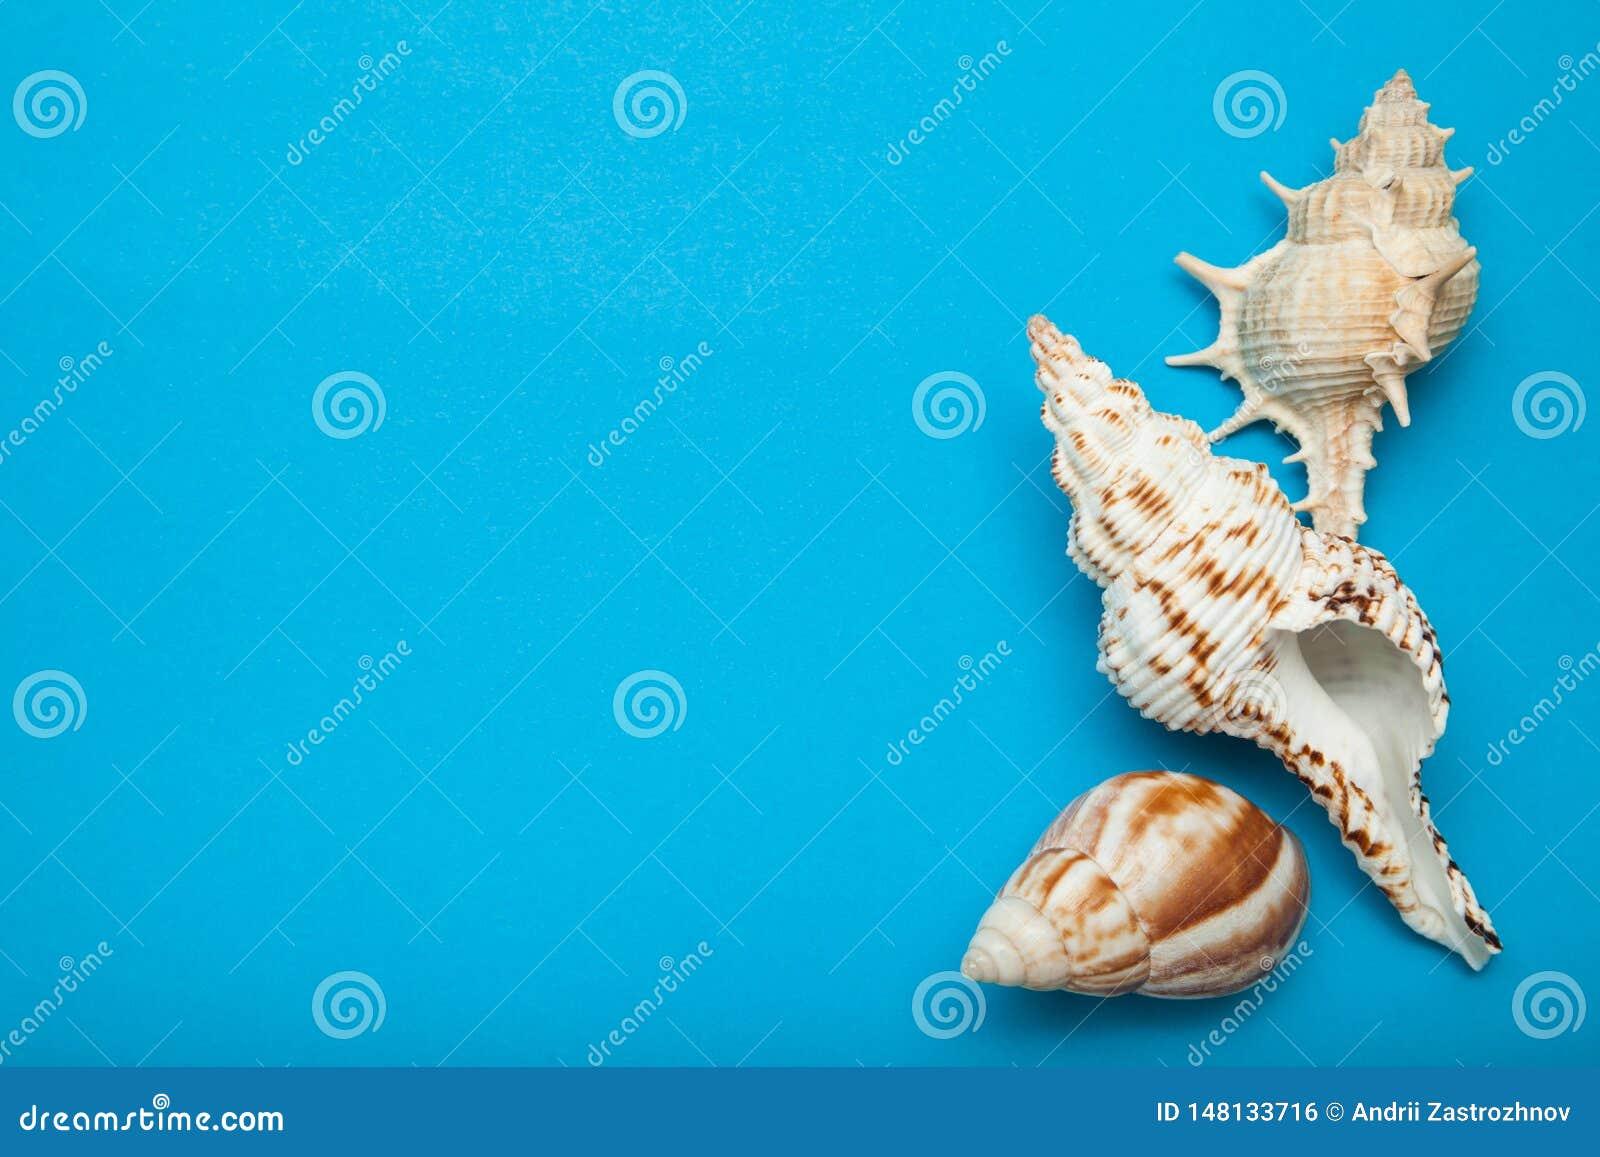 Drie shells van diverse soorten op een blauwe achtergrond Vakantieconcept, exemplaarruimte